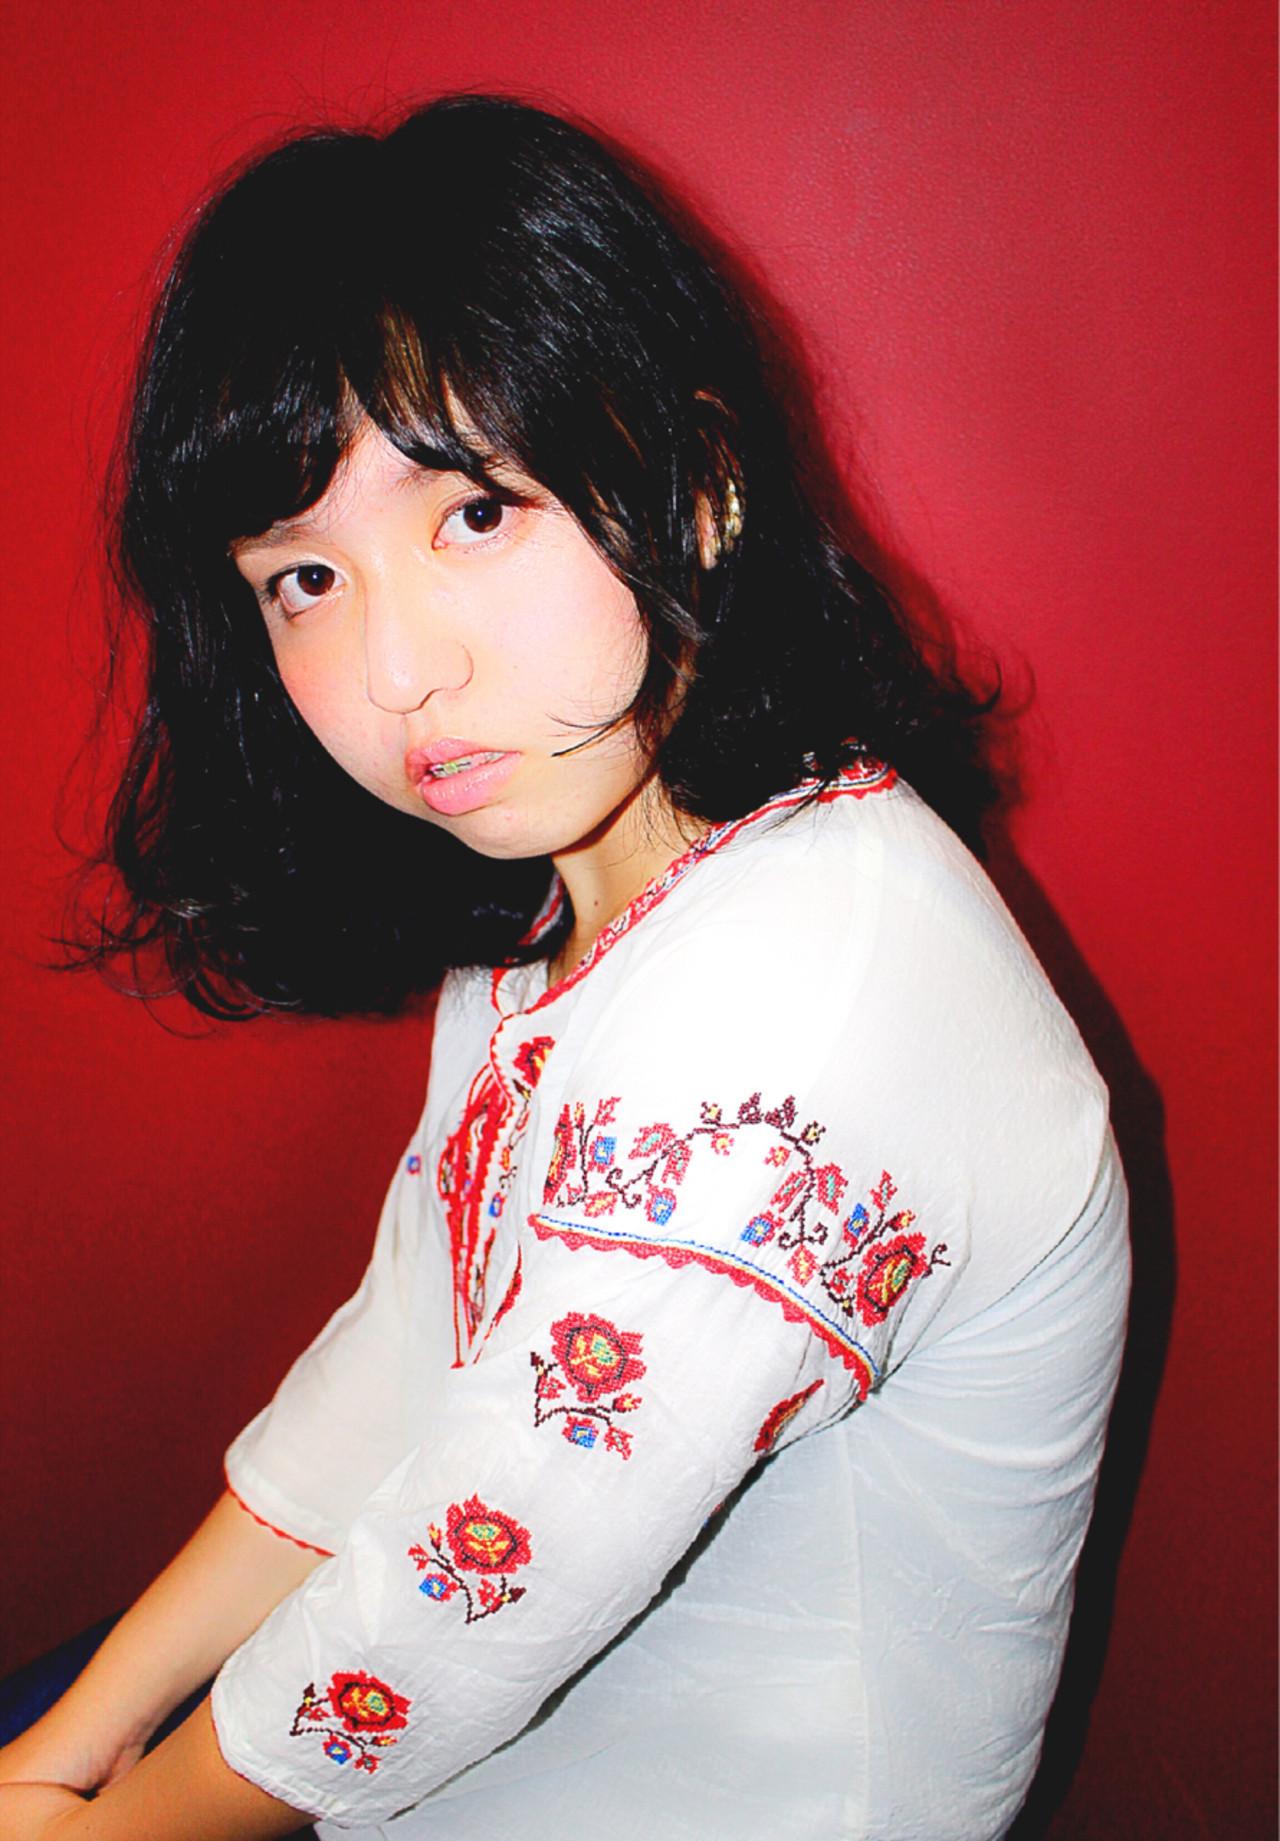 黒髪×ミディアム×パーマは色気たっぷりのおフェロスタイルに♡ 竹原あやか